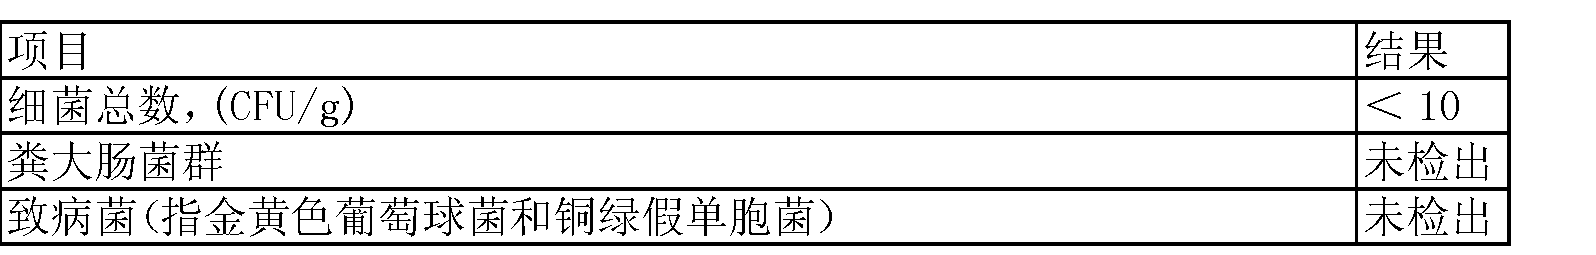 Figure CN103027884BD00073